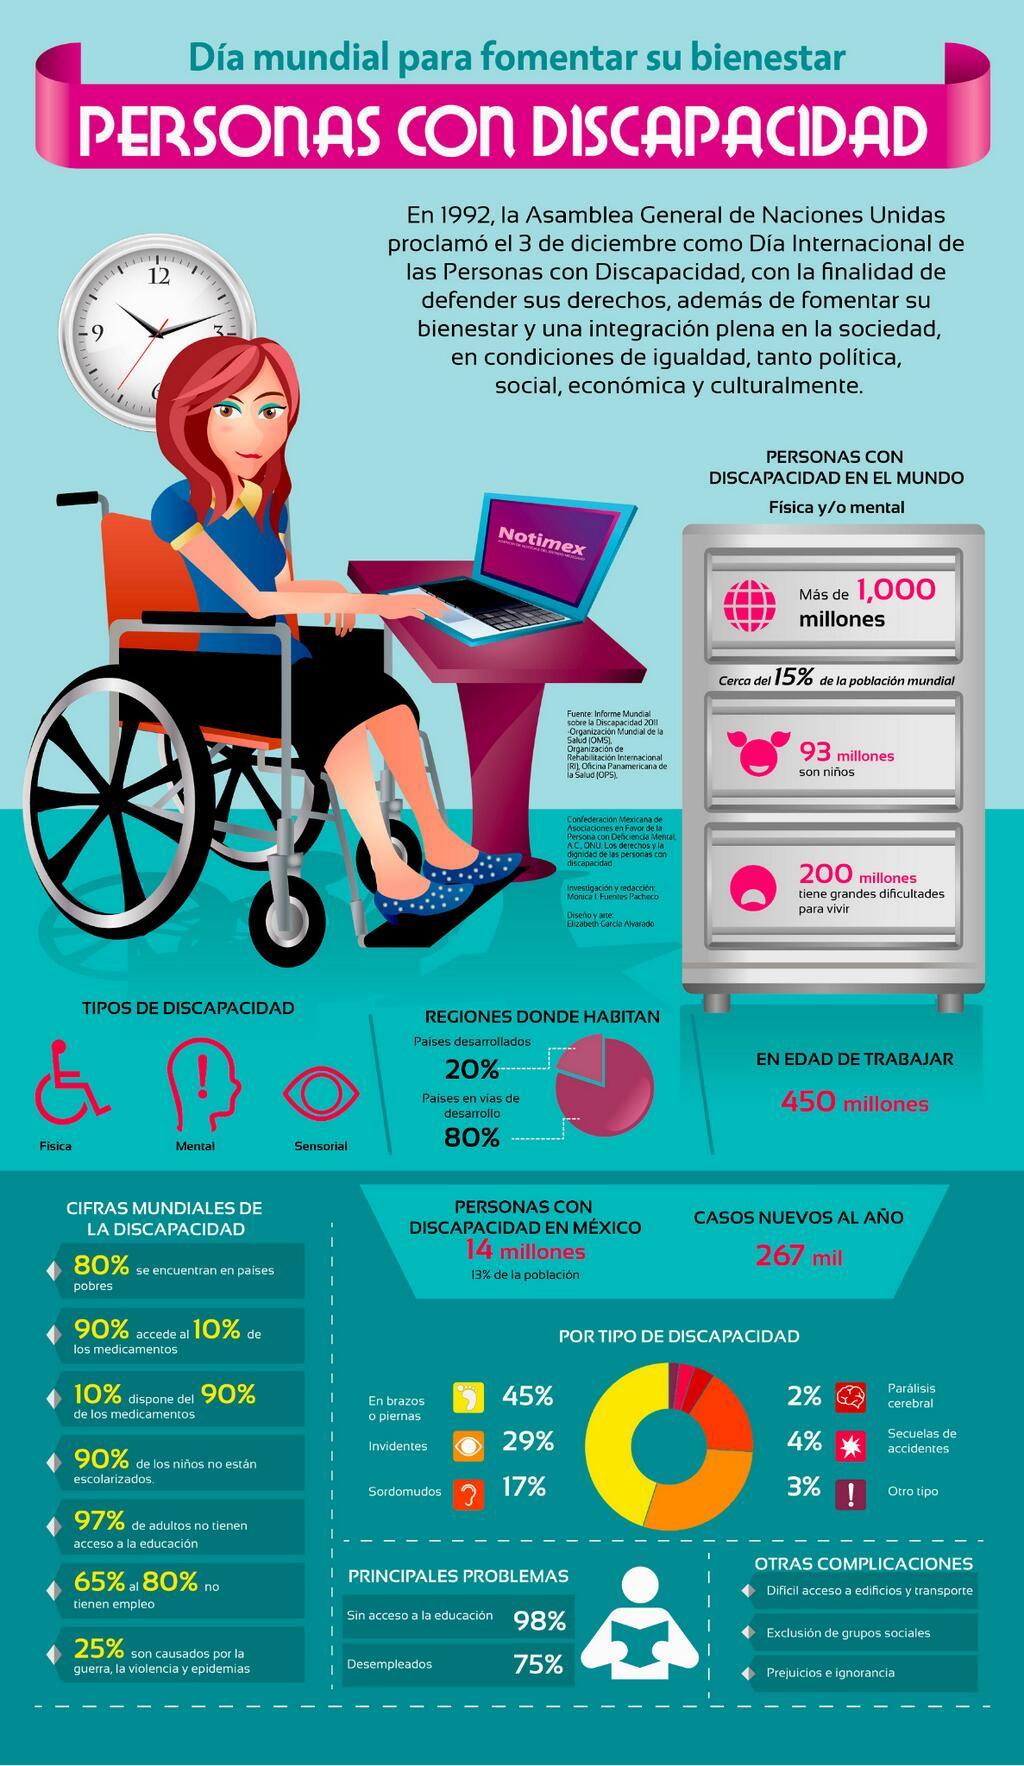 Día Mundial de las personas con discapacidad #infografia #infographic